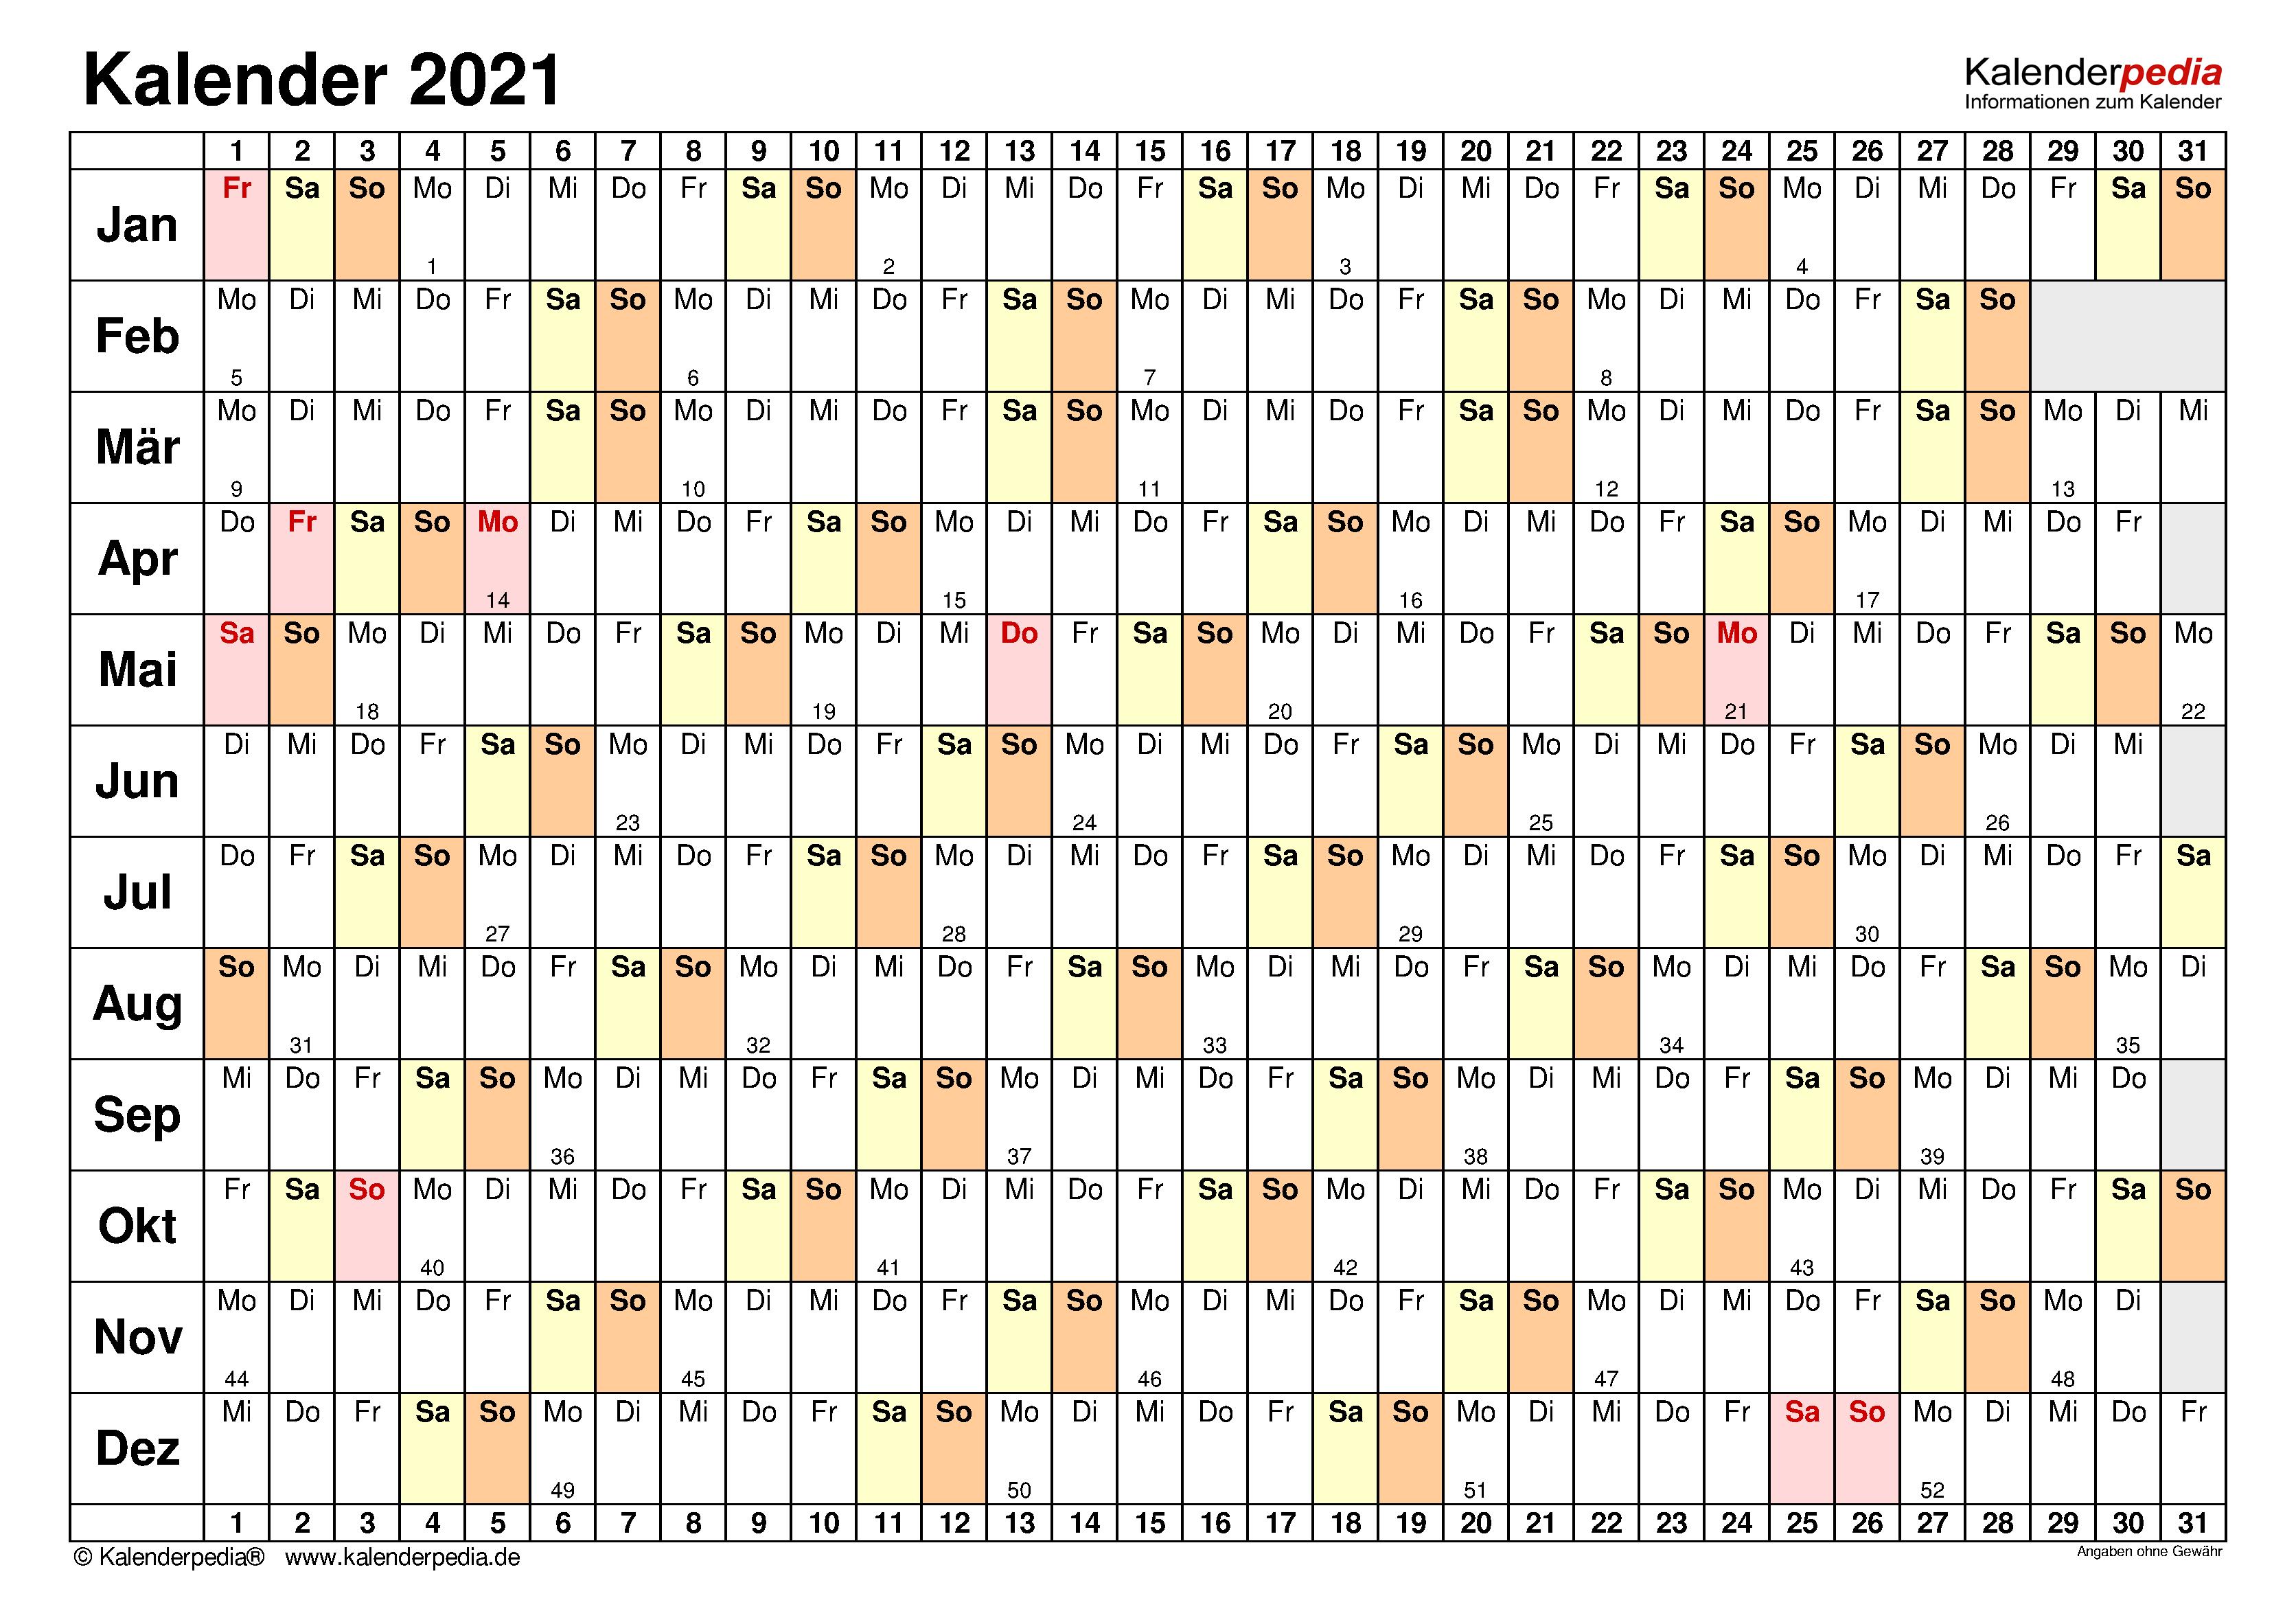 kalender 2021 querformat